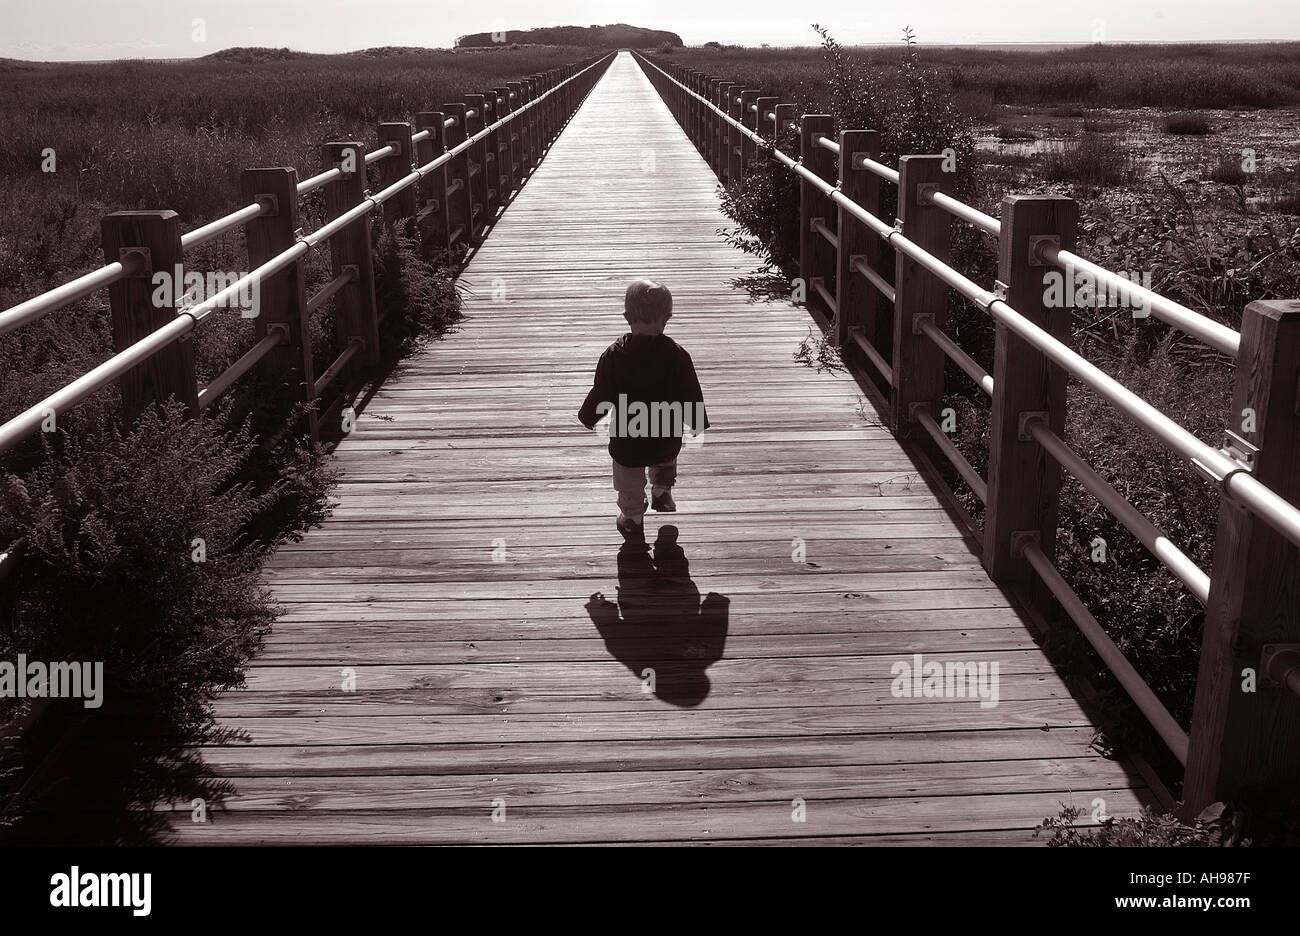 Pequeño niño caminando en el camino hacia el futuro de la vida Imagen De Stock